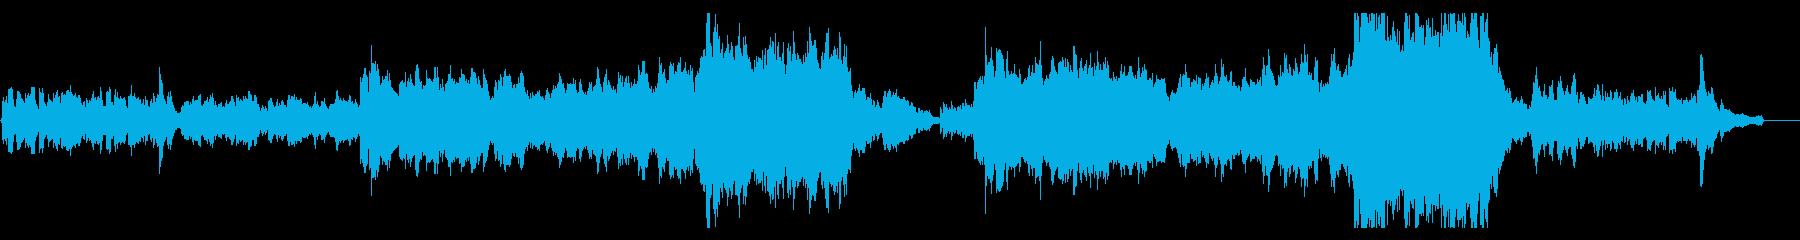 【生演奏】壮大/希望/感動/バイオリンの再生済みの波形